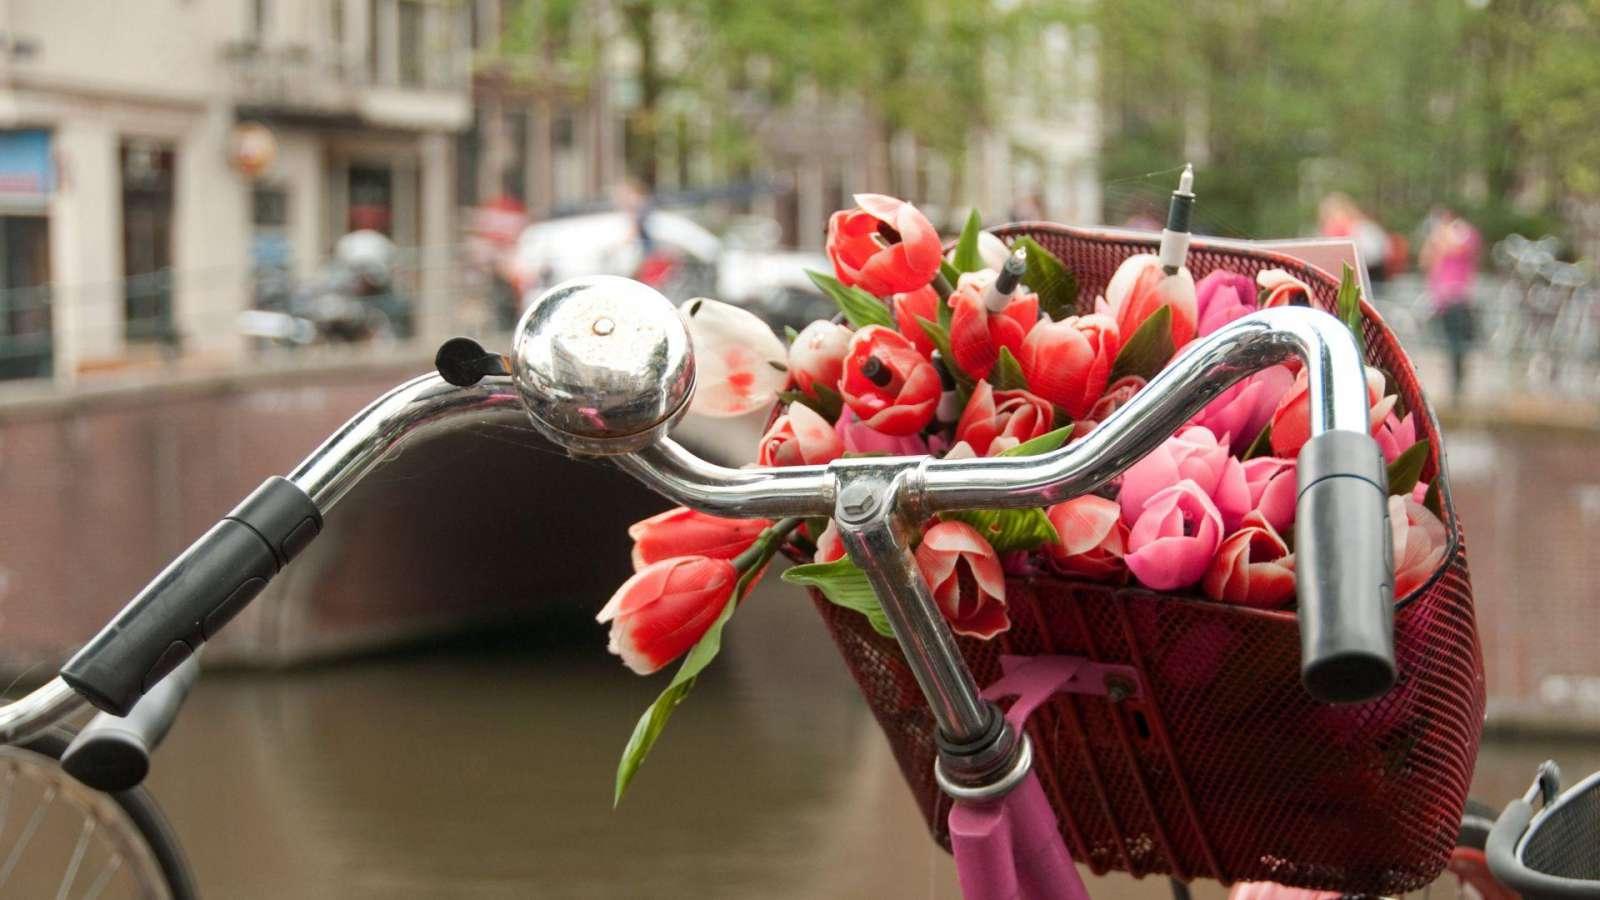 Nuo Olandijos neatsiejami du simboliai - dviračiai bei tulpės